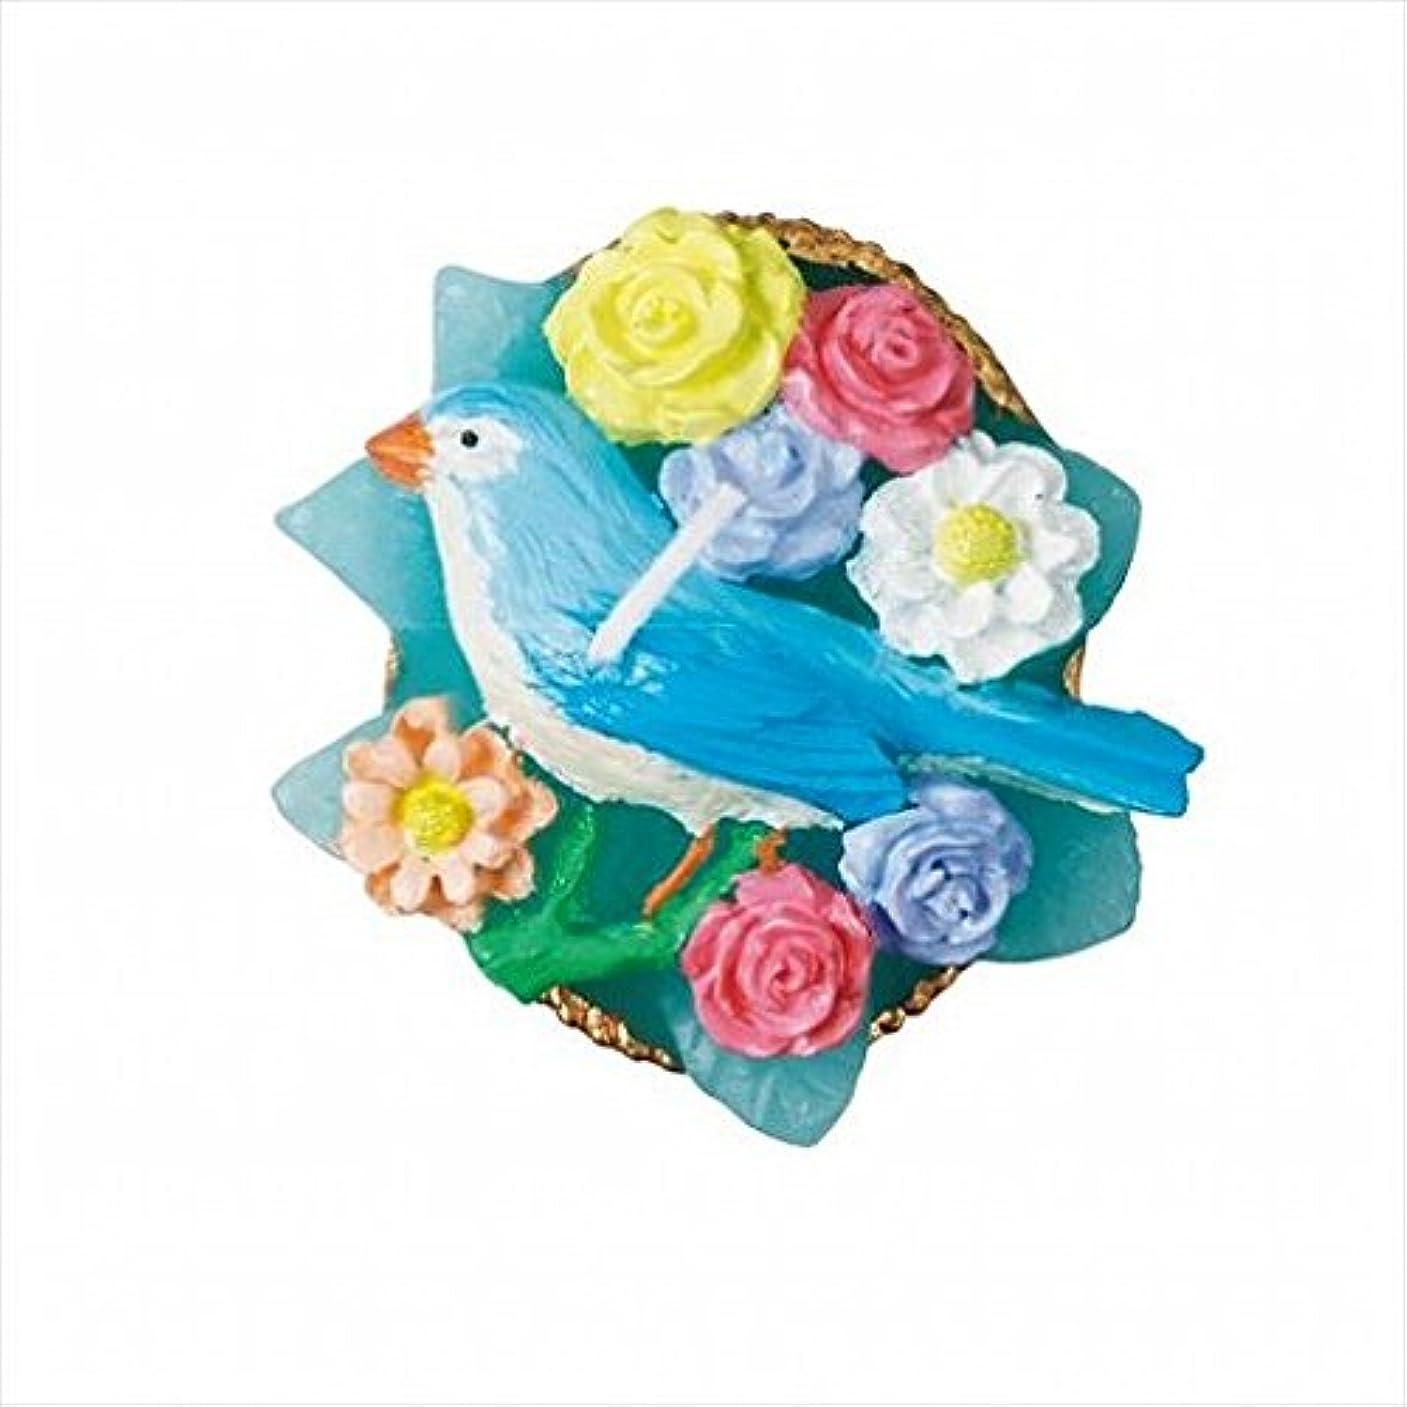 慈善私たちのもの操るkameyama candle(カメヤマキャンドル) アンティークジュエリー 「 ブルーバード 」 キャンドル 48x48x25mm (A4380040)